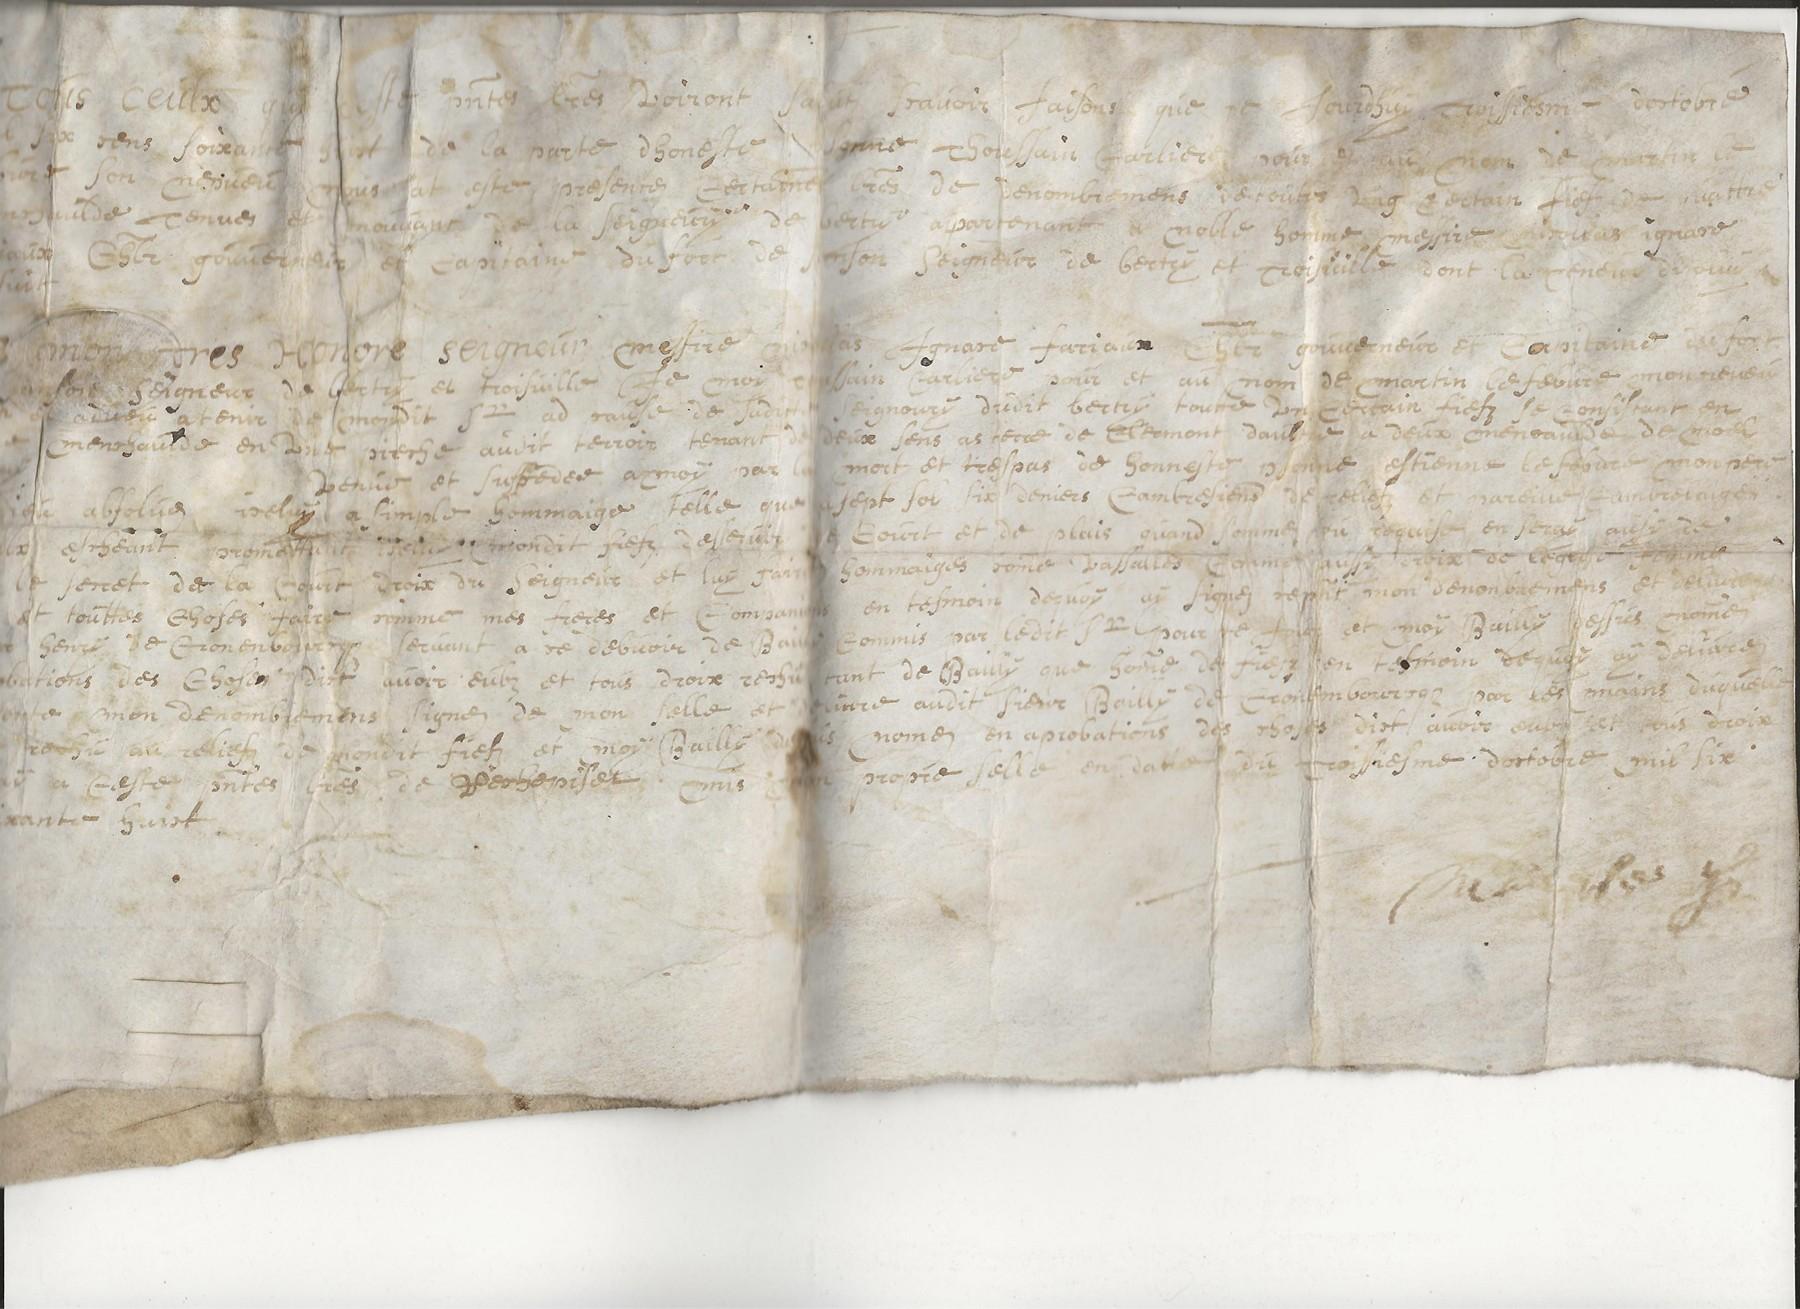 1669 toussaint carlier vente martin lefebvre 2